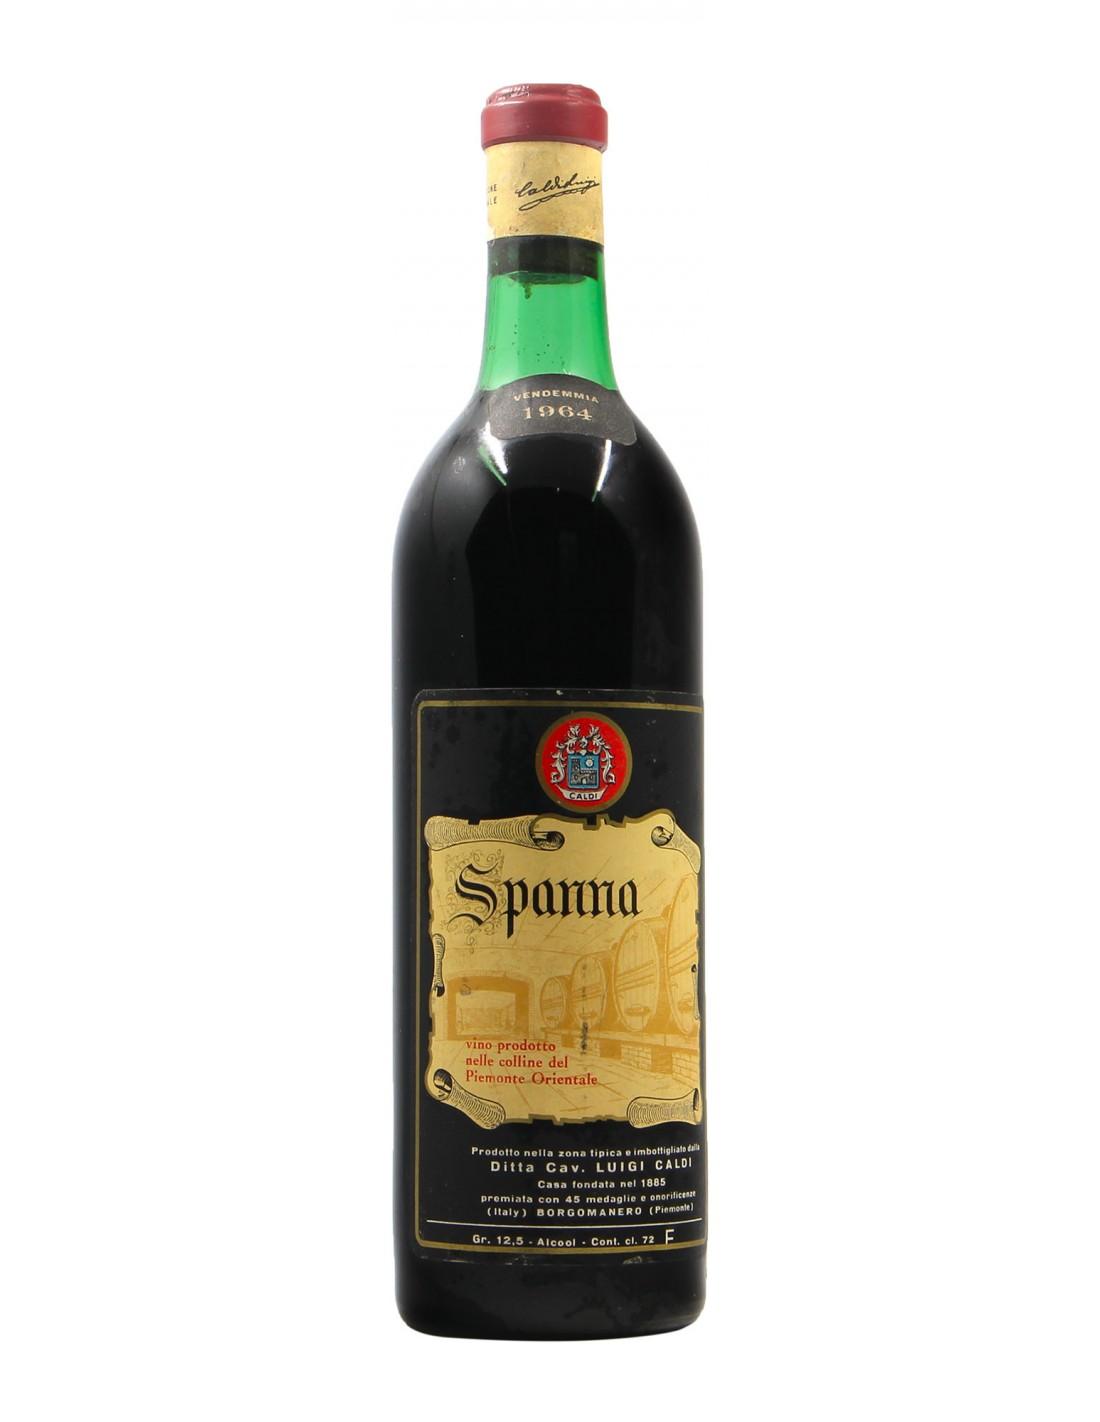 Spanna 1964 CALDI GRANDI BOTTIGLIE